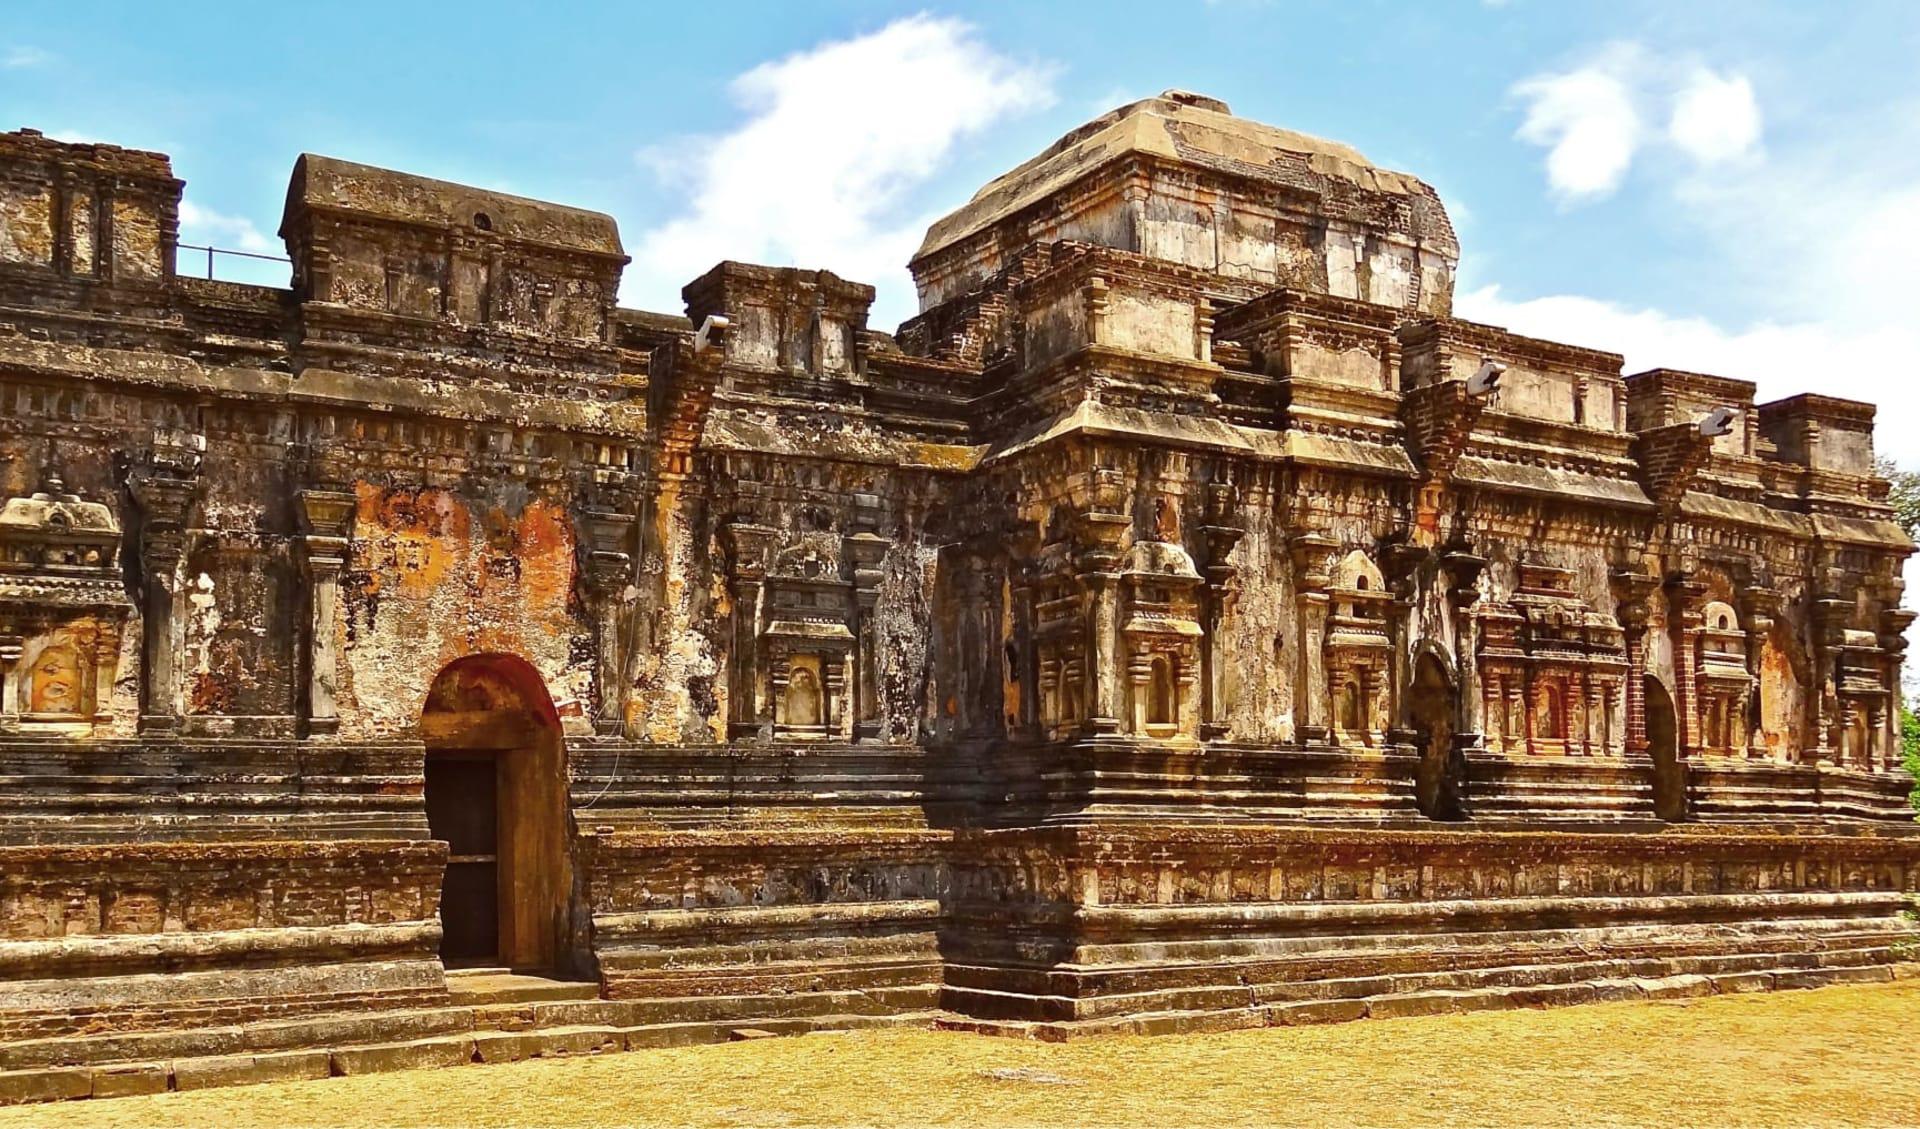 Sri Lanka aktiv erleben ab Colombo: Polonnaruwa: old temple ruin